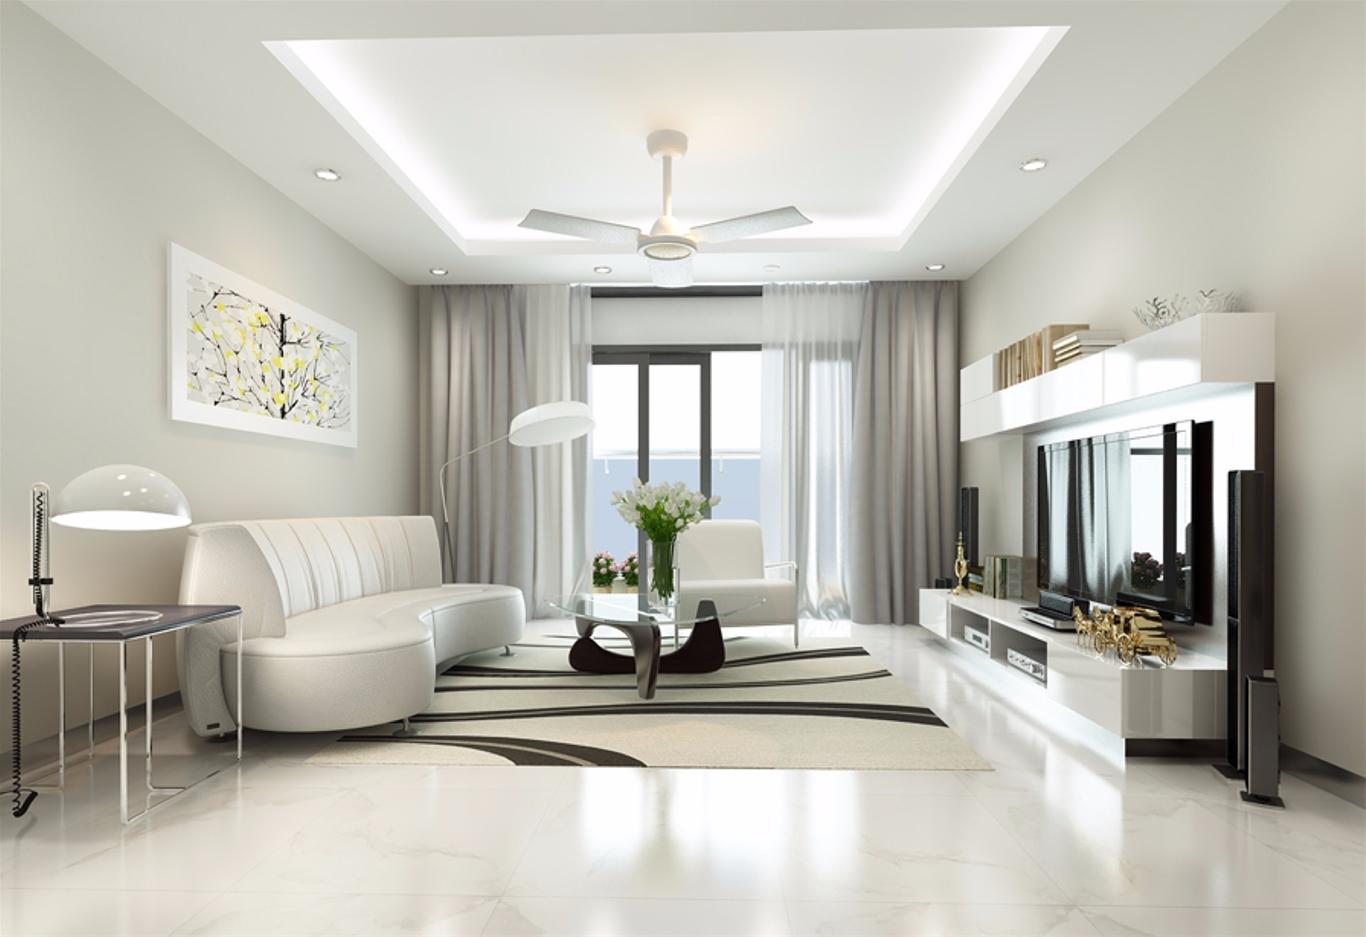 Căn phòng sáng màu đem lại cảm giác thông thoáng cho không gian chật hẹp